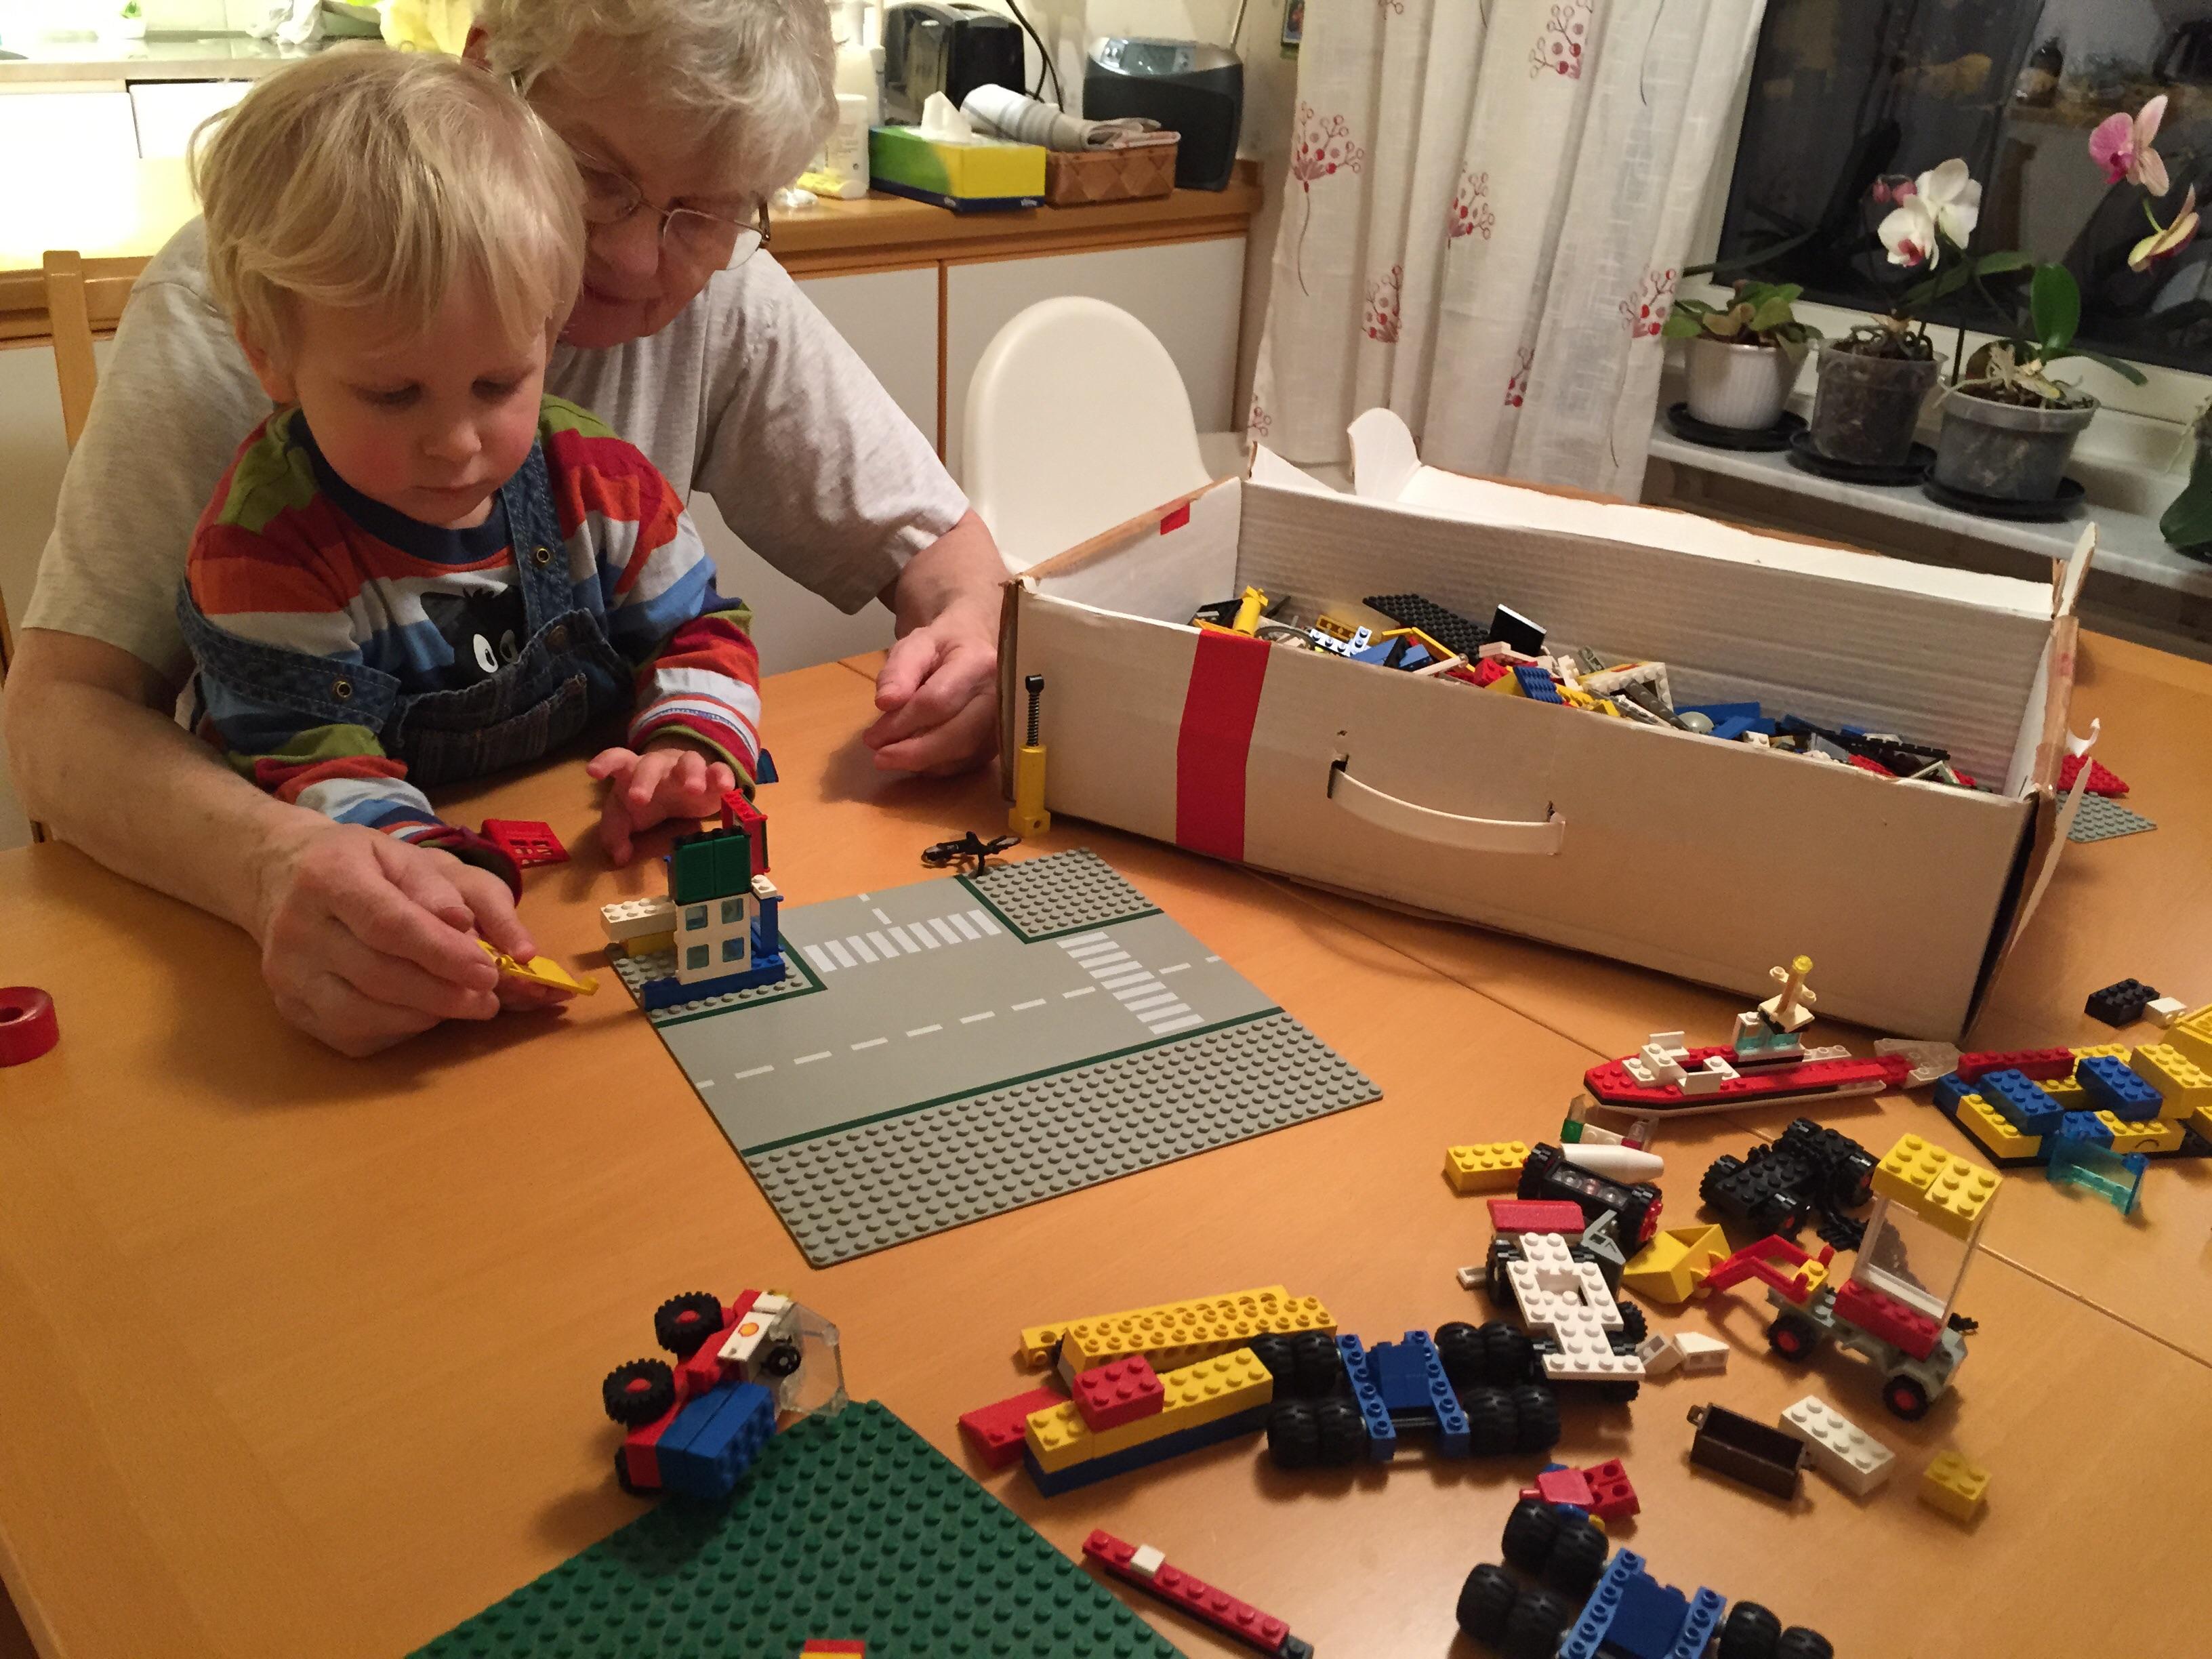 Viktor och farmor bygger lego